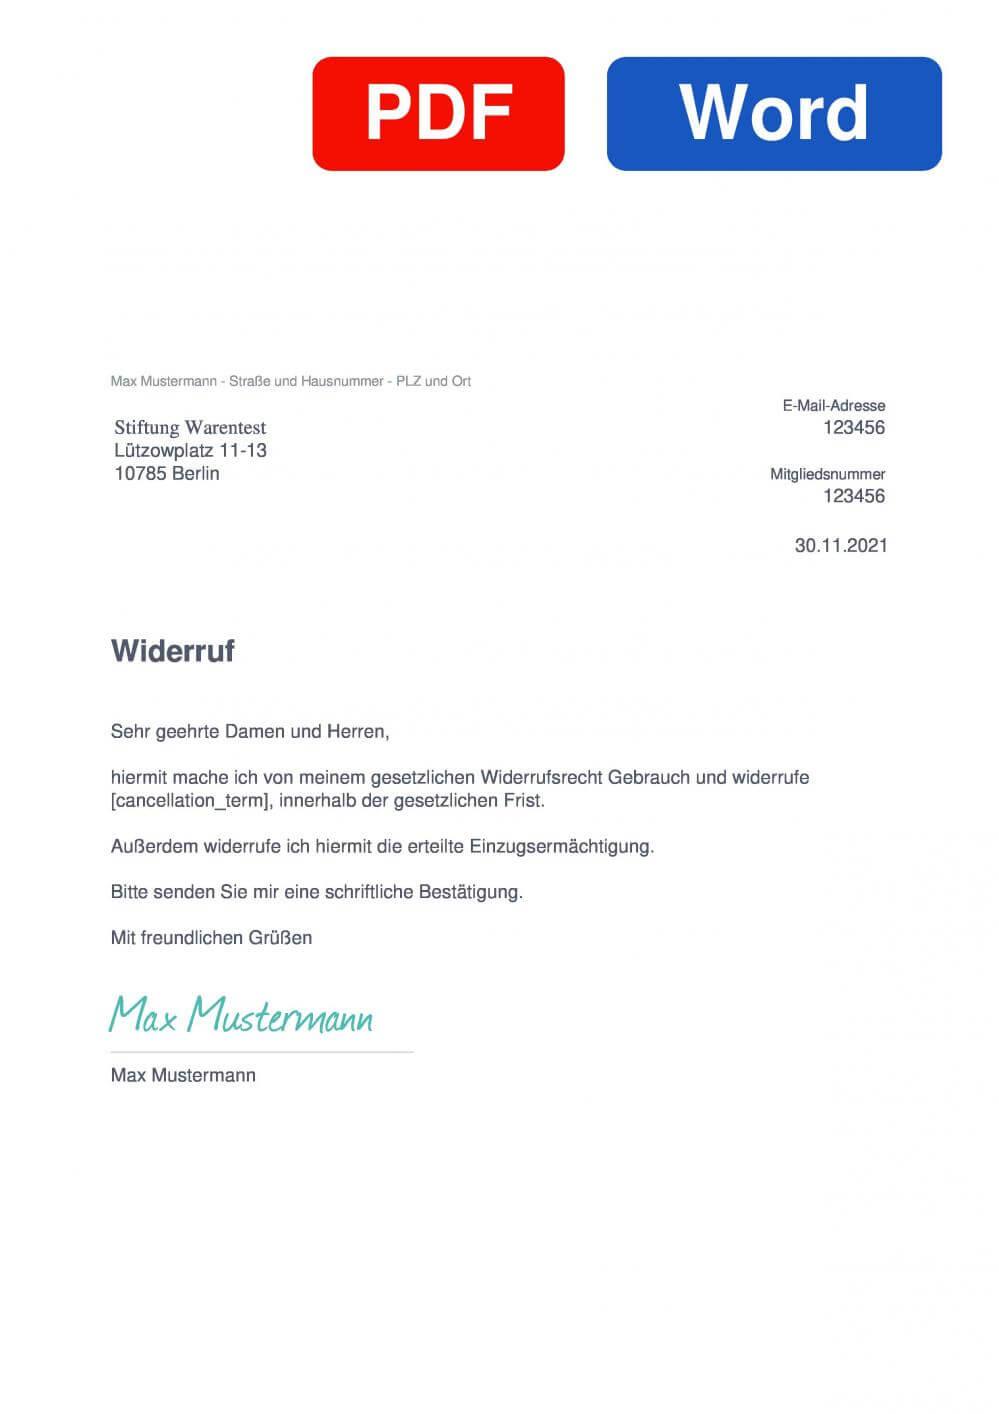 Stiftung Warentest Muster Vorlage für Wiederrufsschreiben